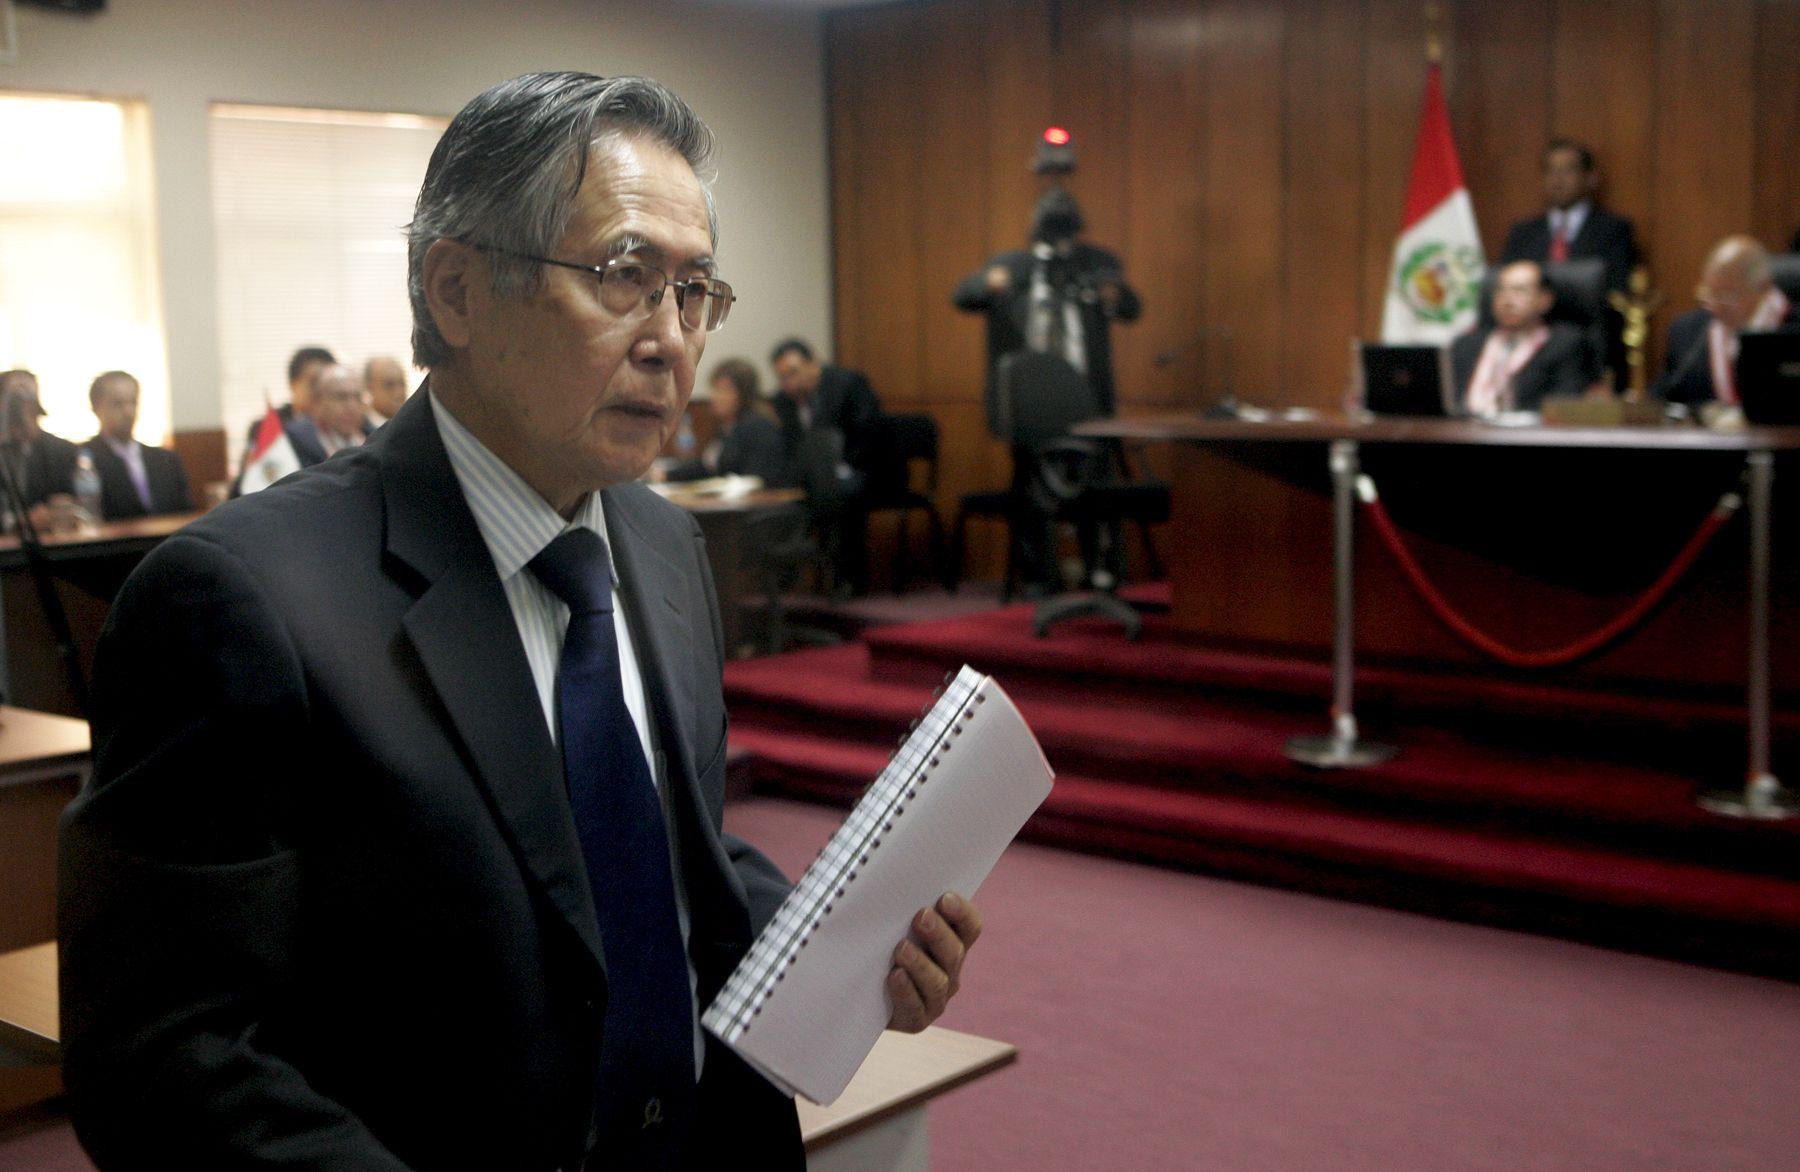 Tribunal Constitucional rechaza hábeas corpus a favor de Alberto Fujimori por delito de secuestro